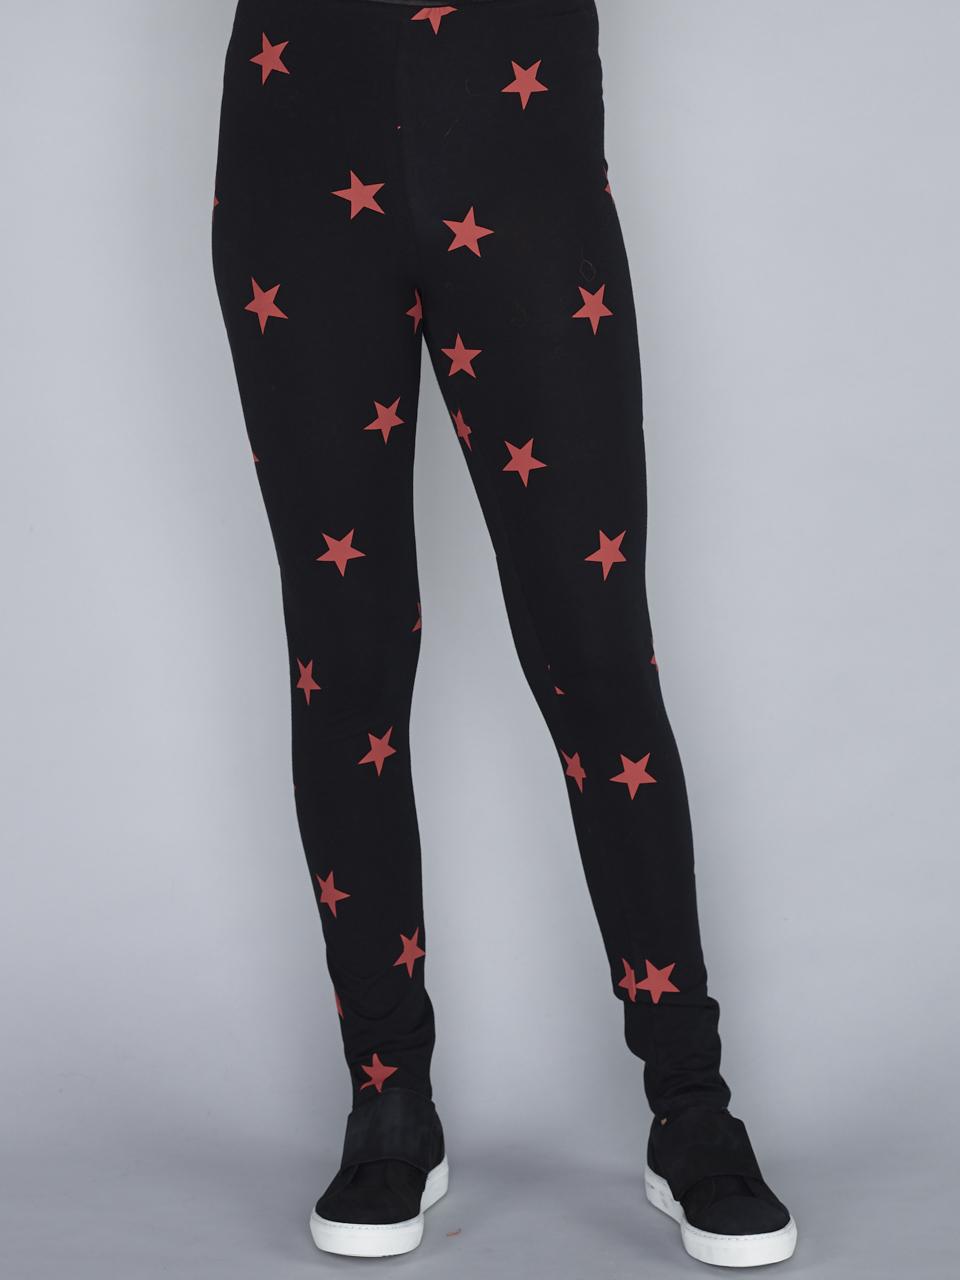 LEGGING STARS